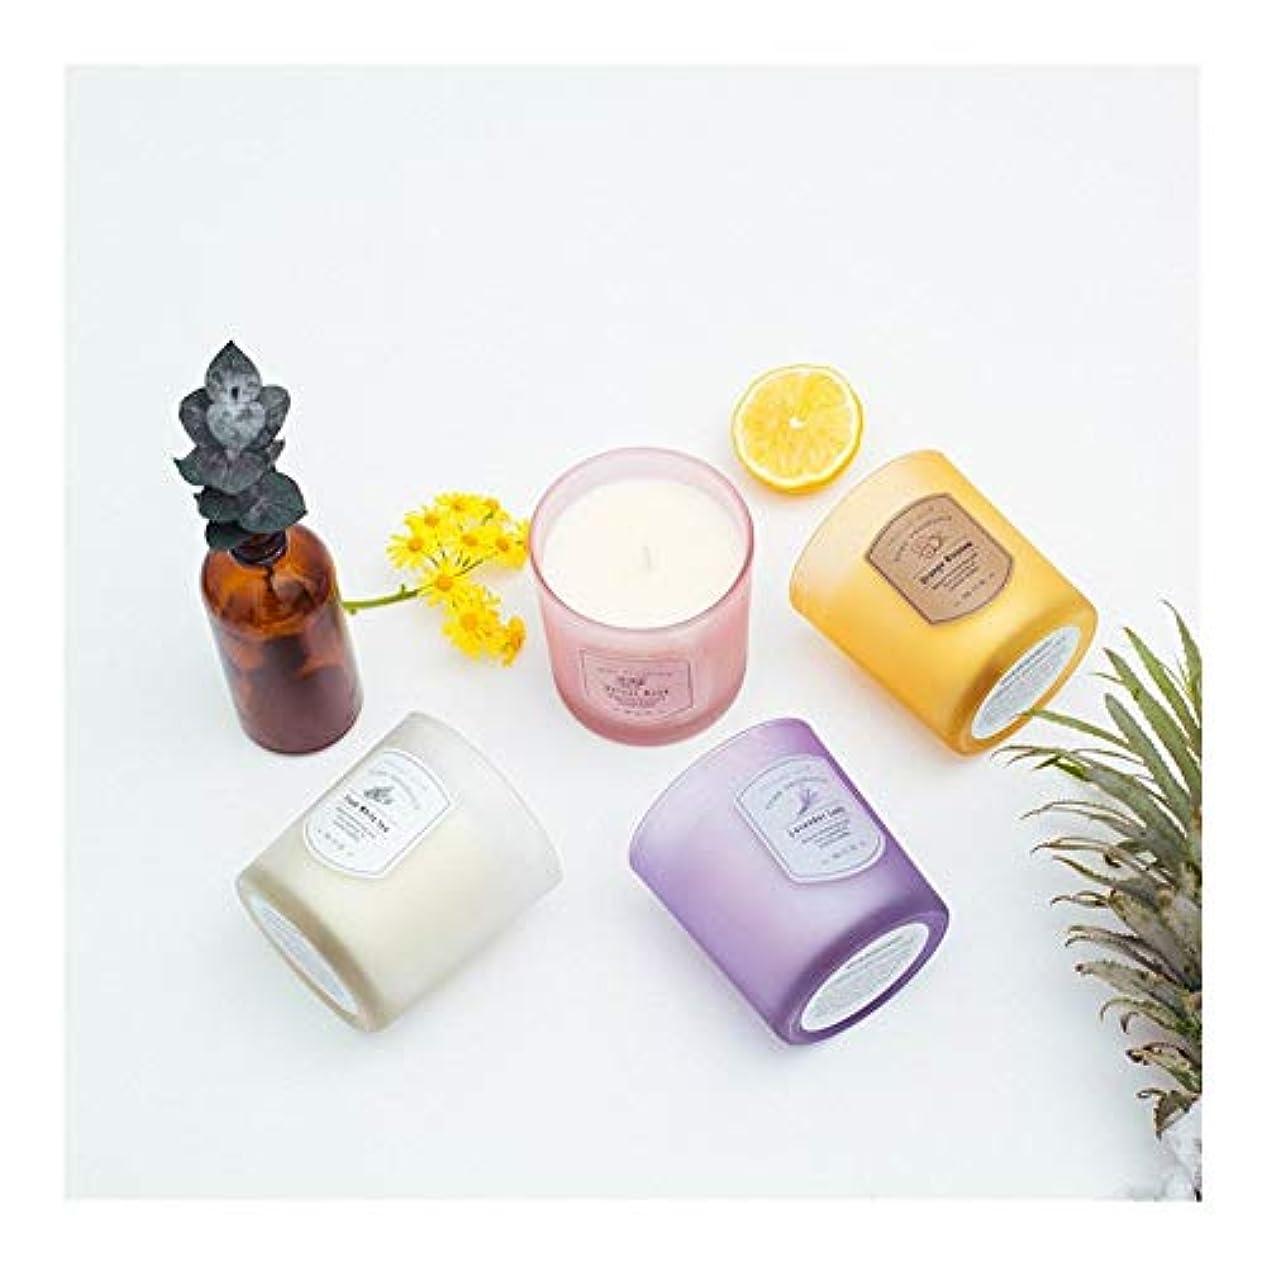 ブランド名サービスグリップGuomao ガラスキャンドルキャンドルセット無煙フレグランスジュエリーホームアクセサリー (色 : Purple lavender)